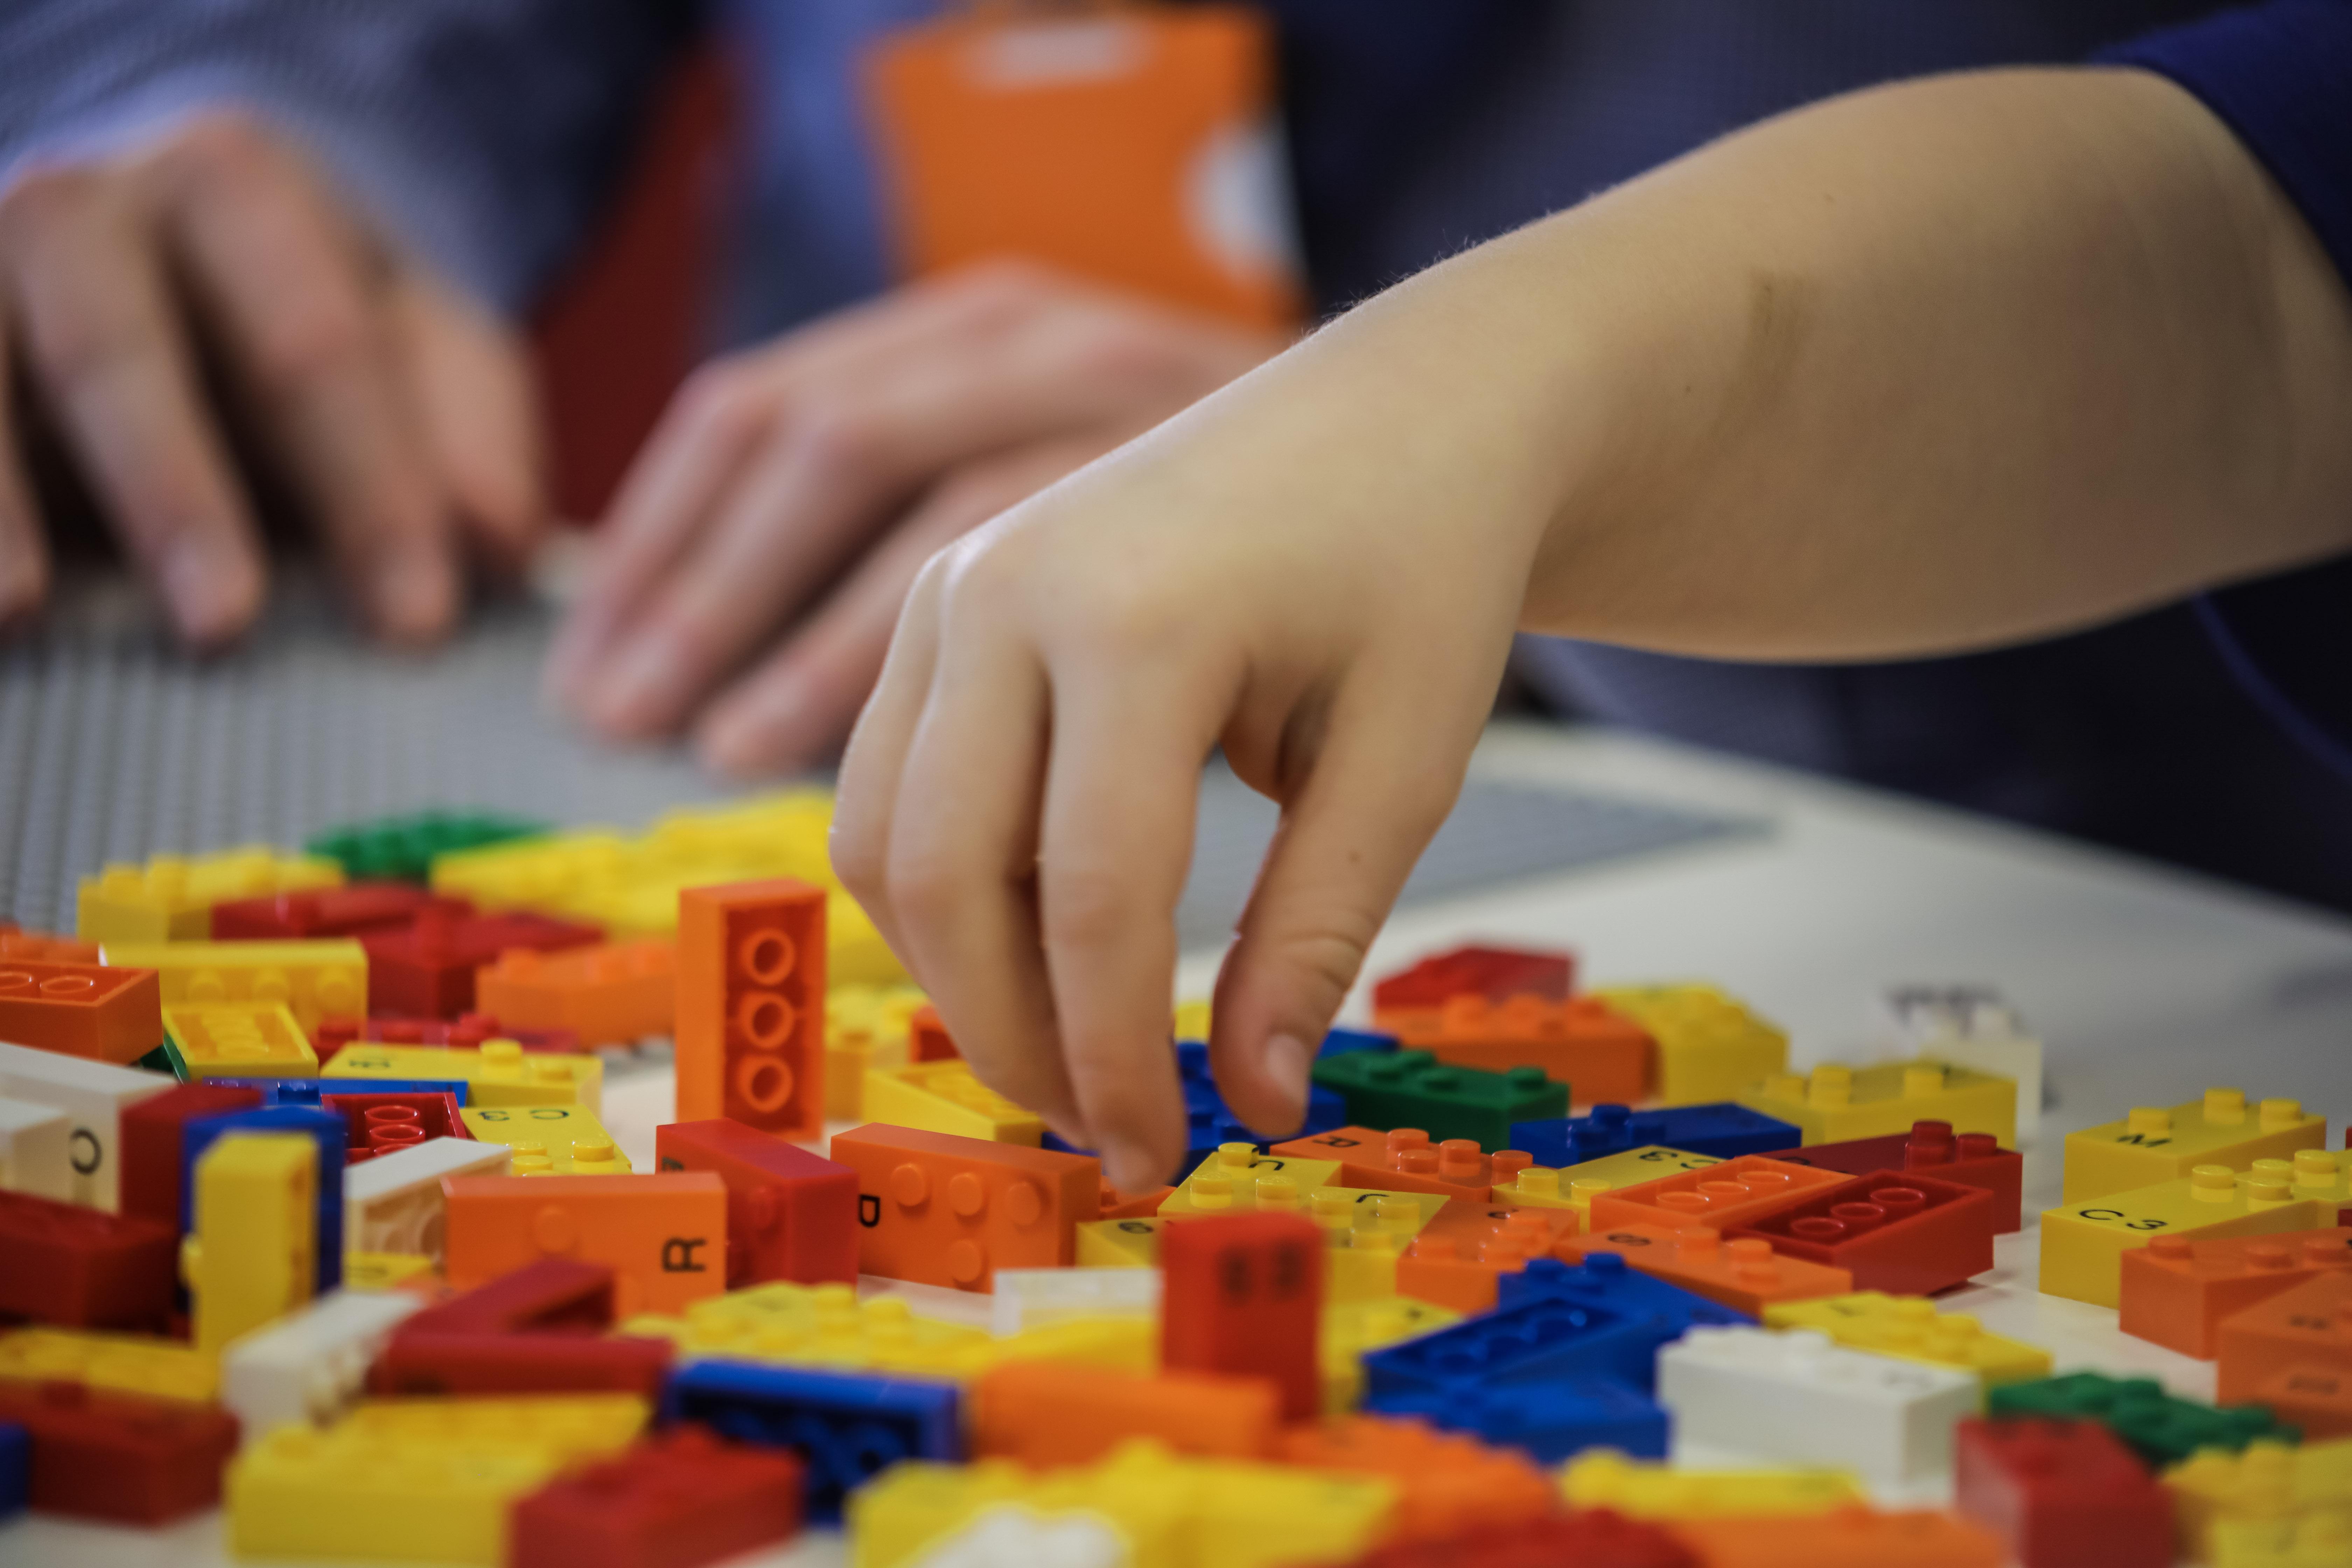 HighRes_Braille-Bricks_close-up_3